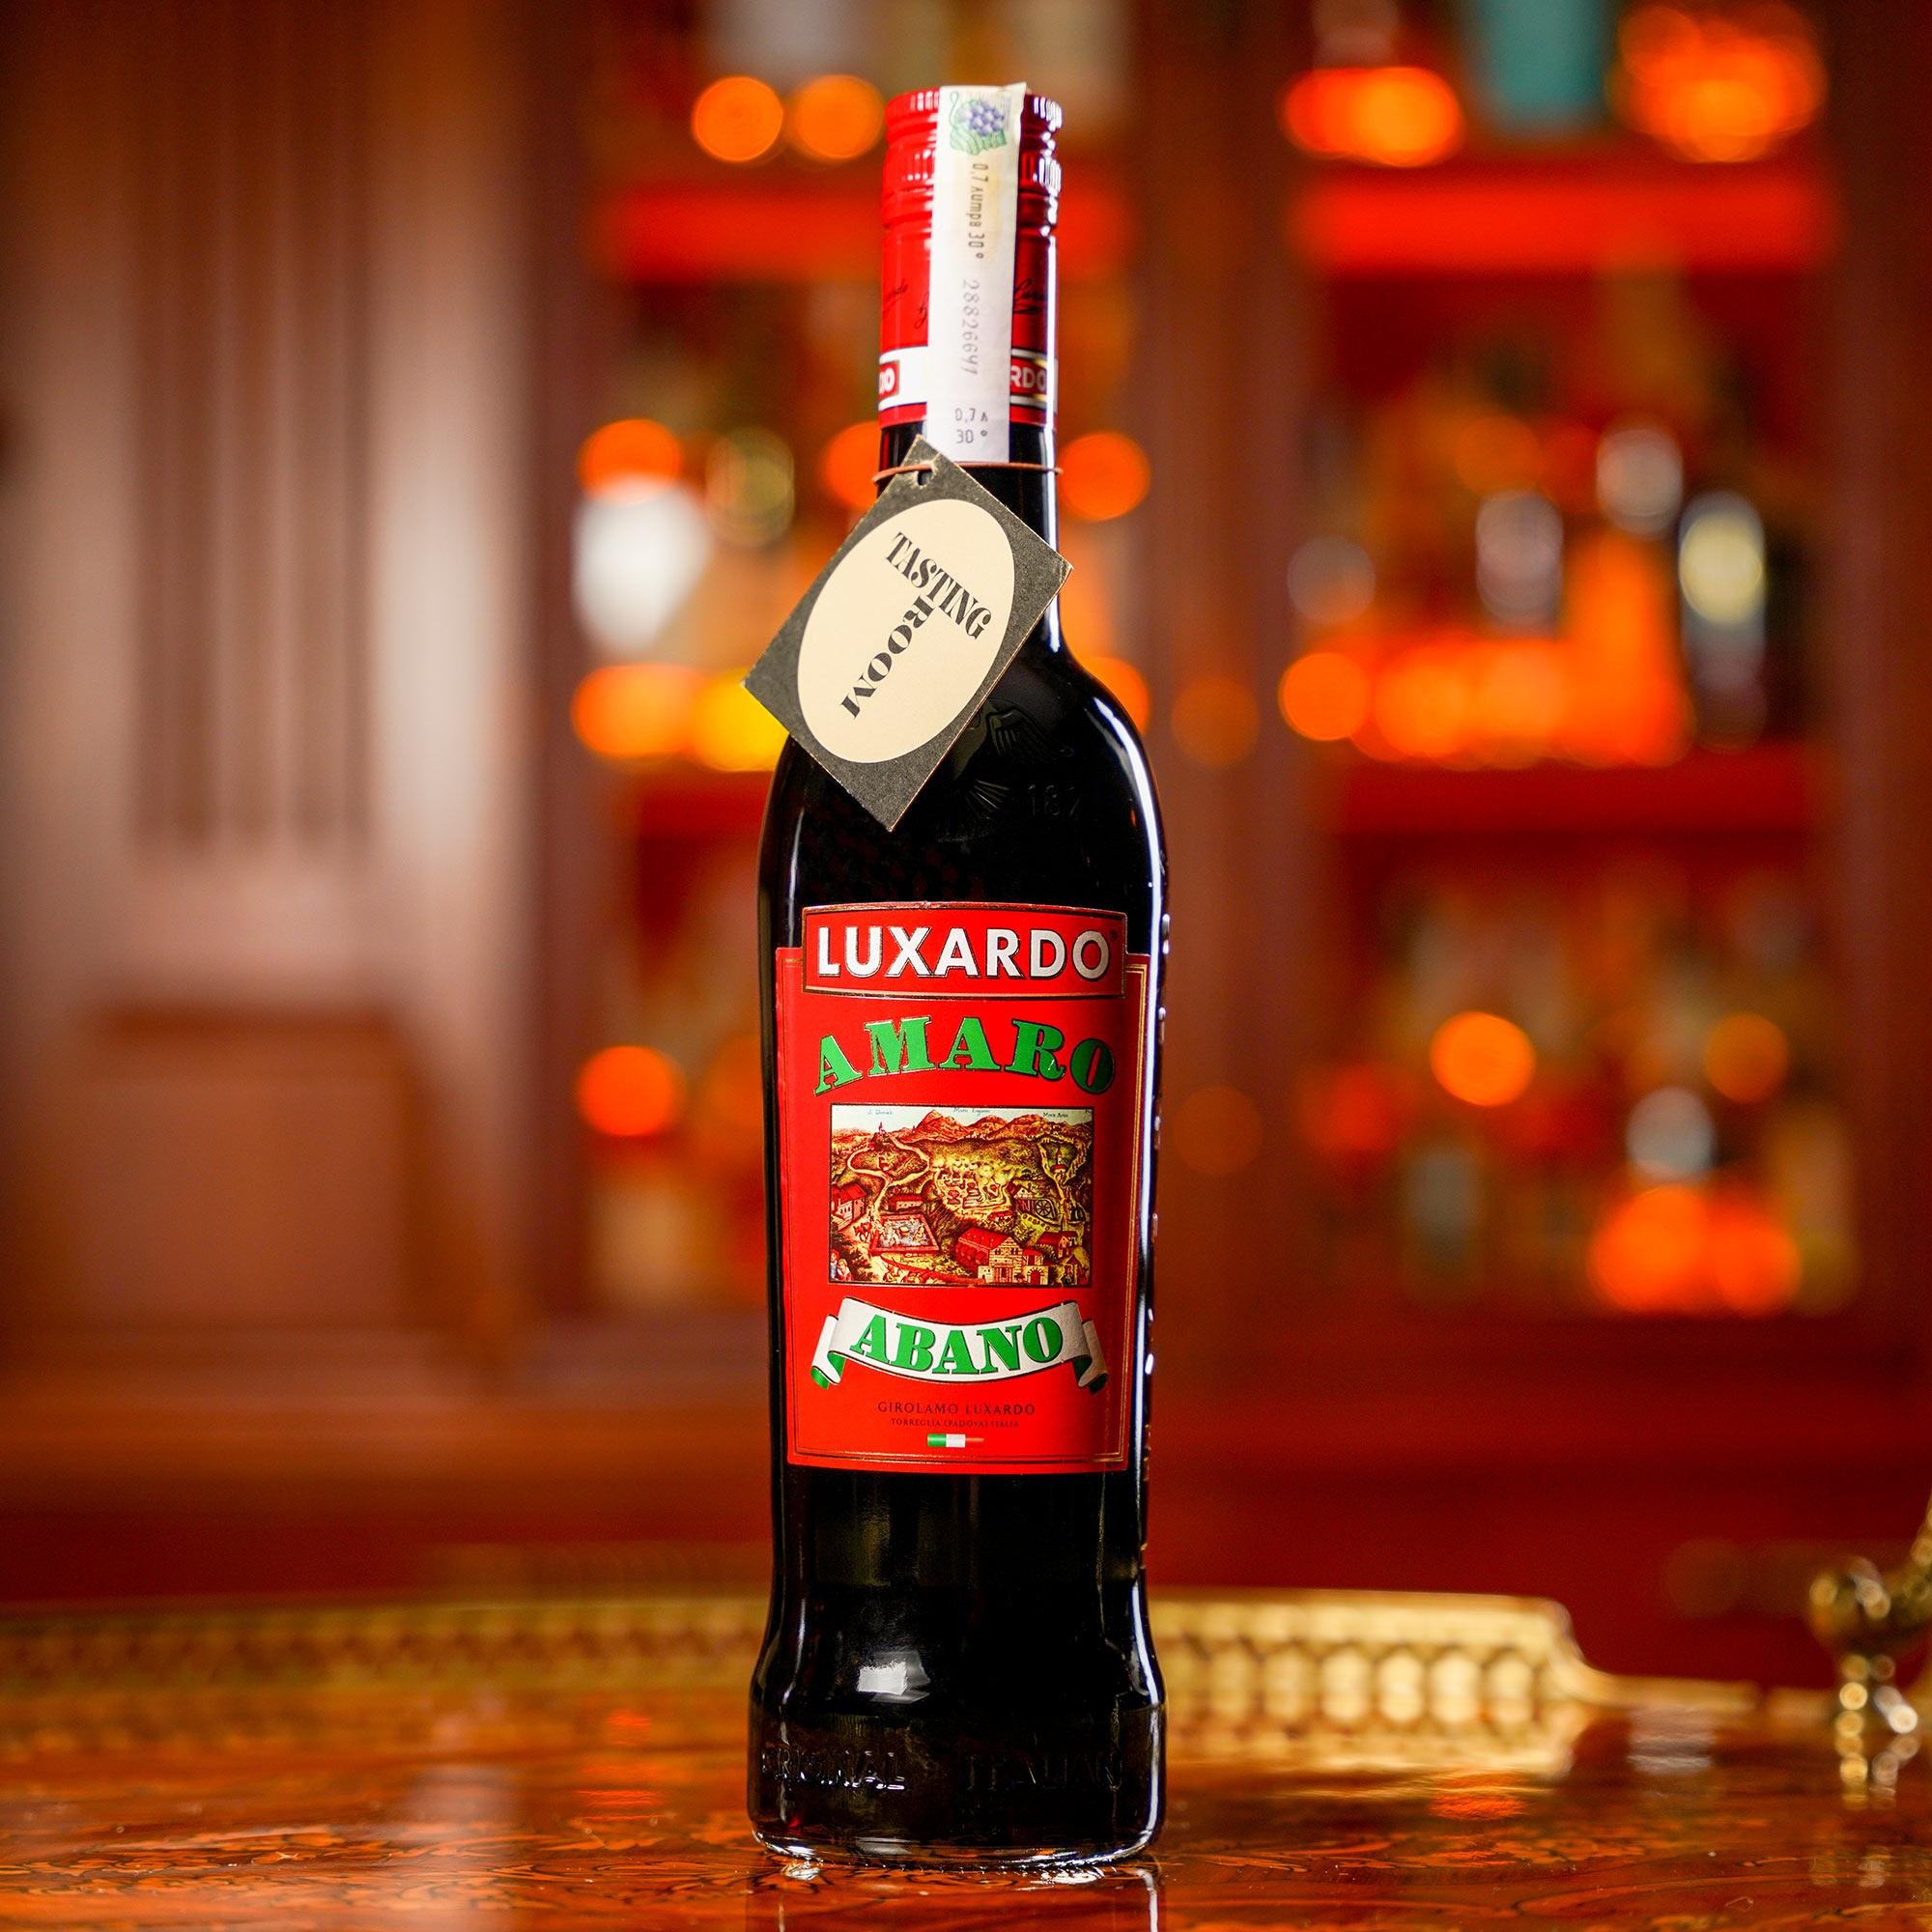 Luxardo Amaro Abano /Луксардо Амаро Абано